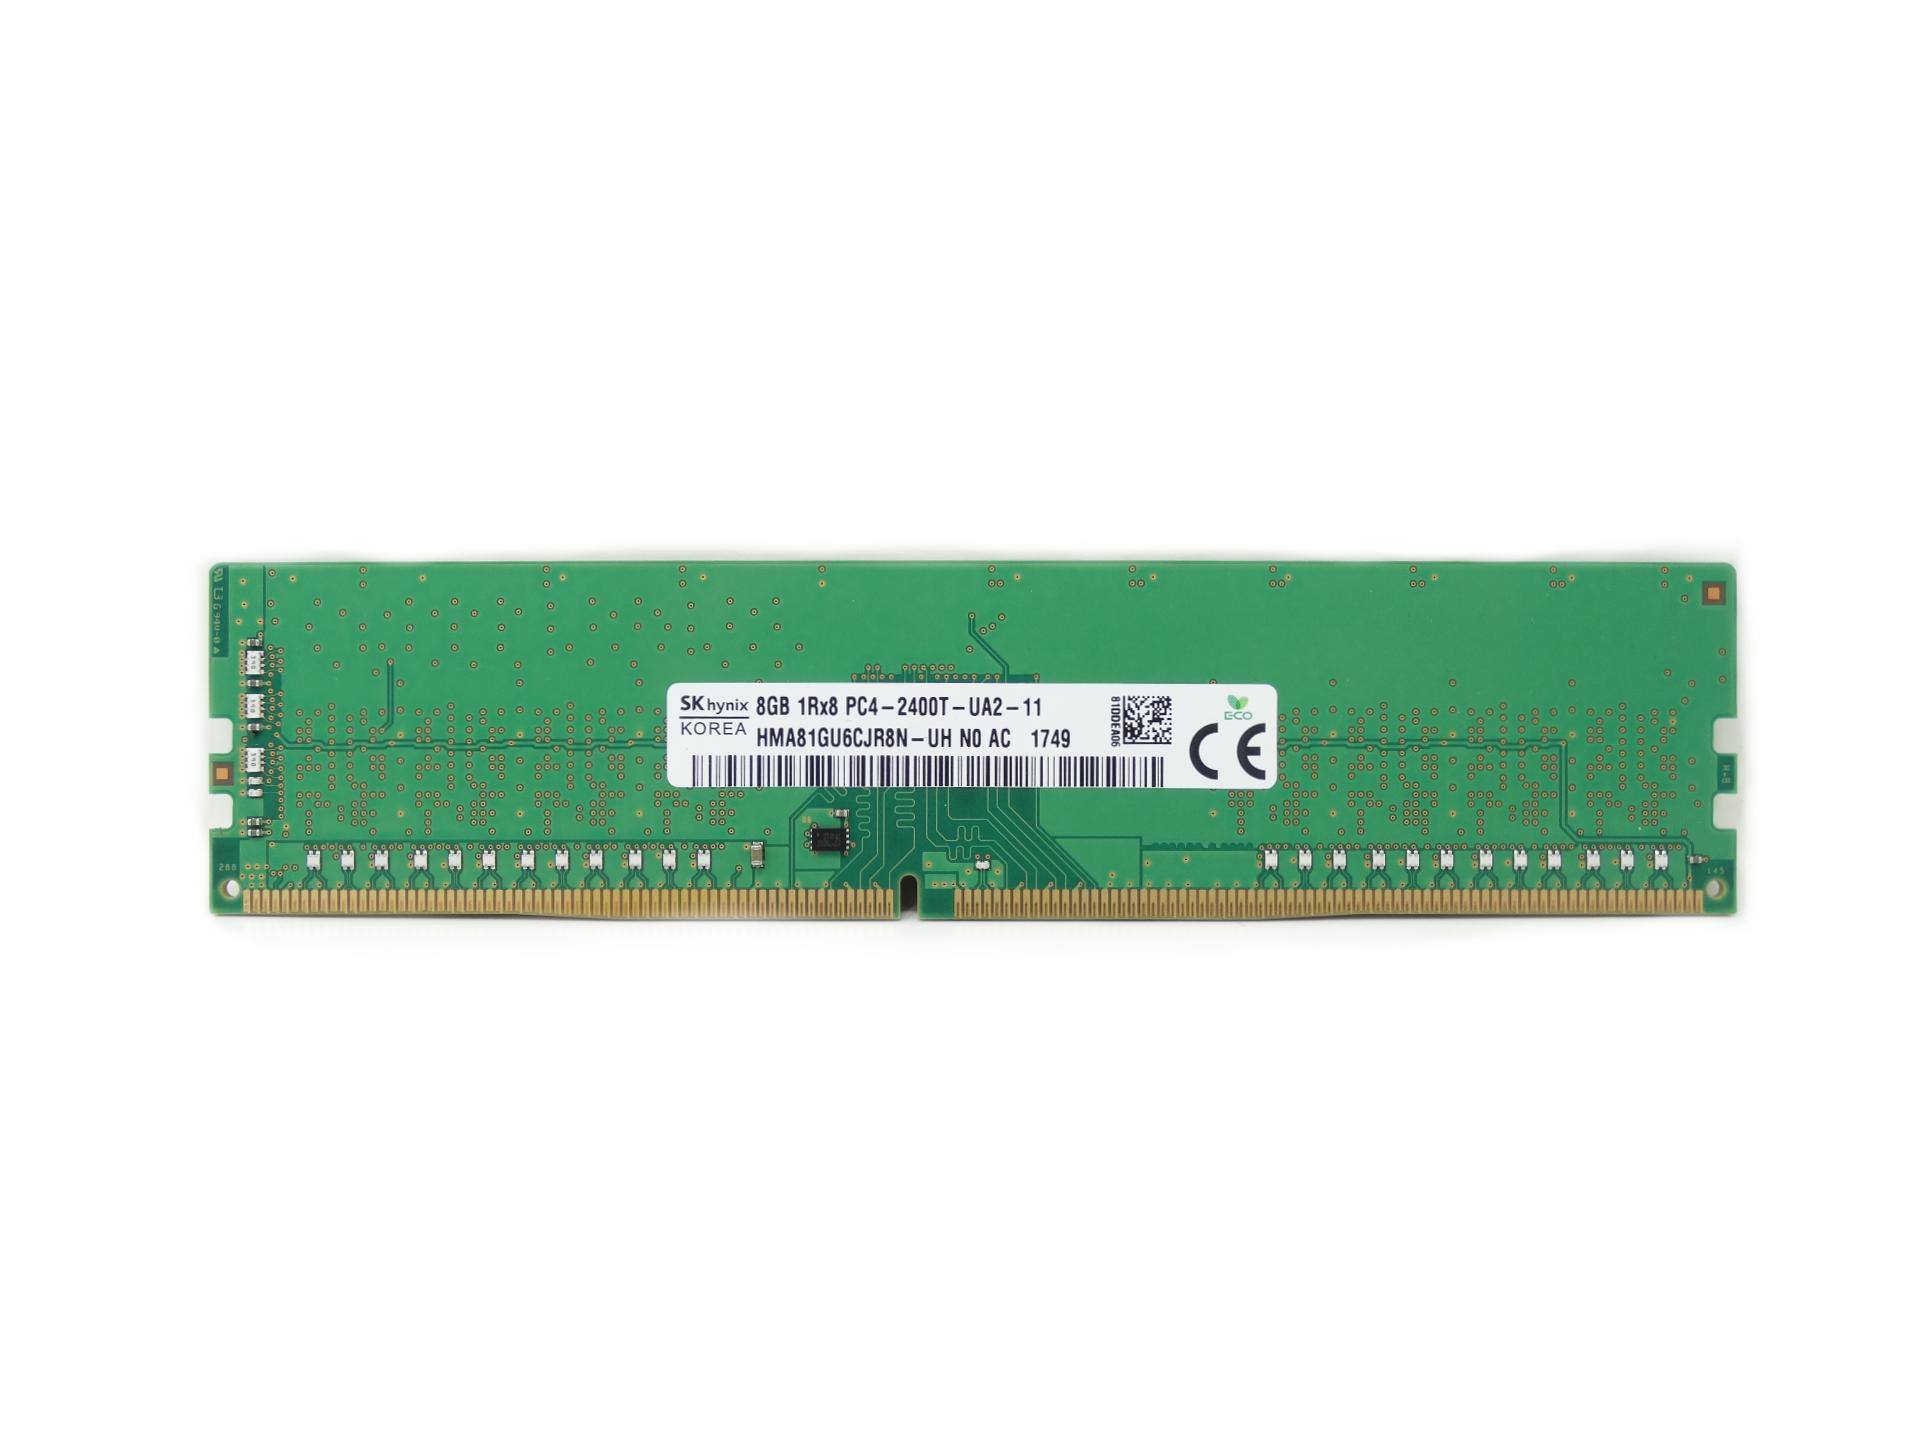 Hynix 8GB 1Rx8 PC4-2400T-U DDR4 2400MHz Non-ECC Unregistered RAM Memory (HMA81GU6CJR8N-UH)